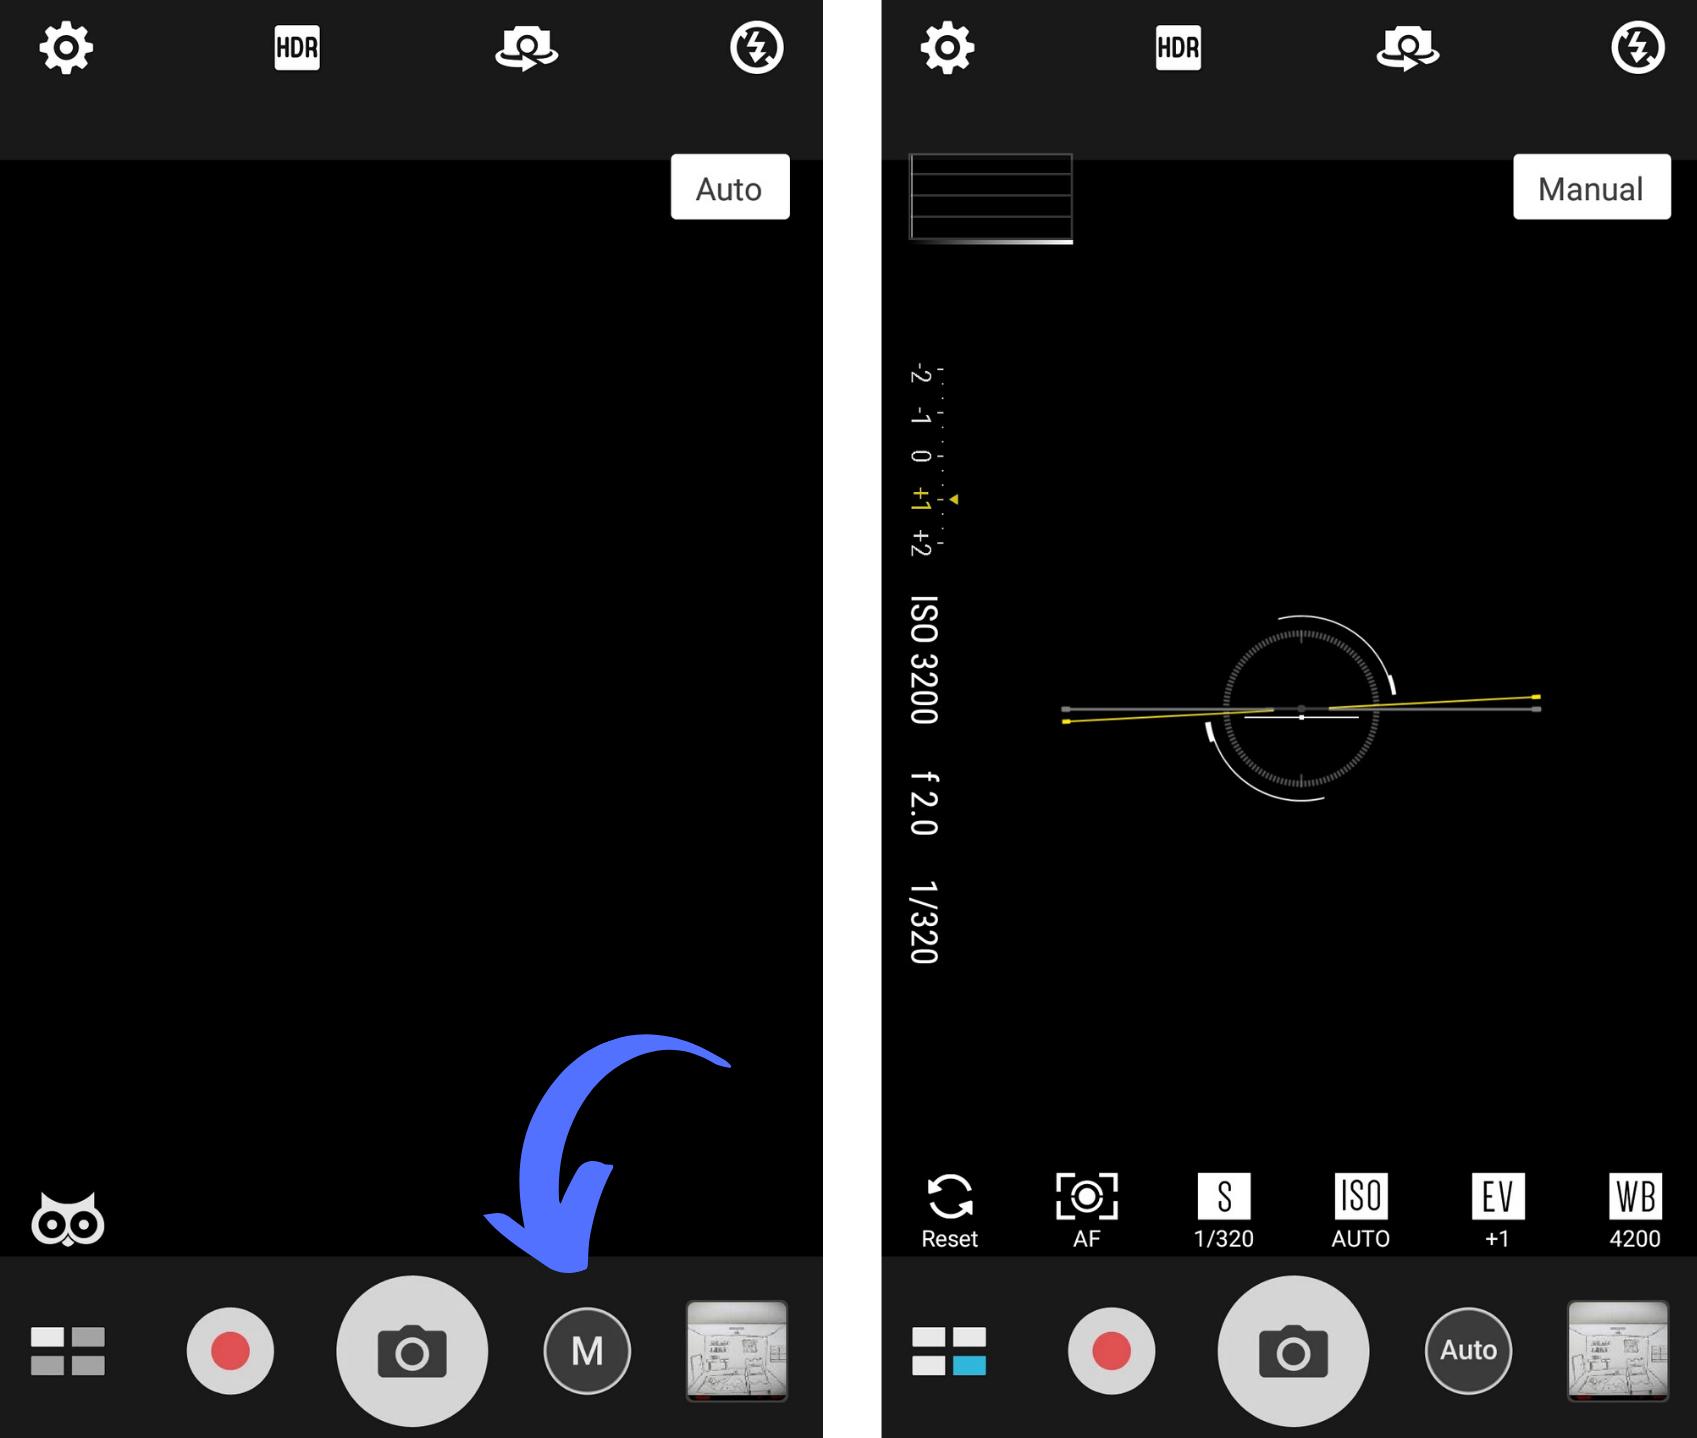 Capturas de tela mostrando como ativar a função manual da câmera